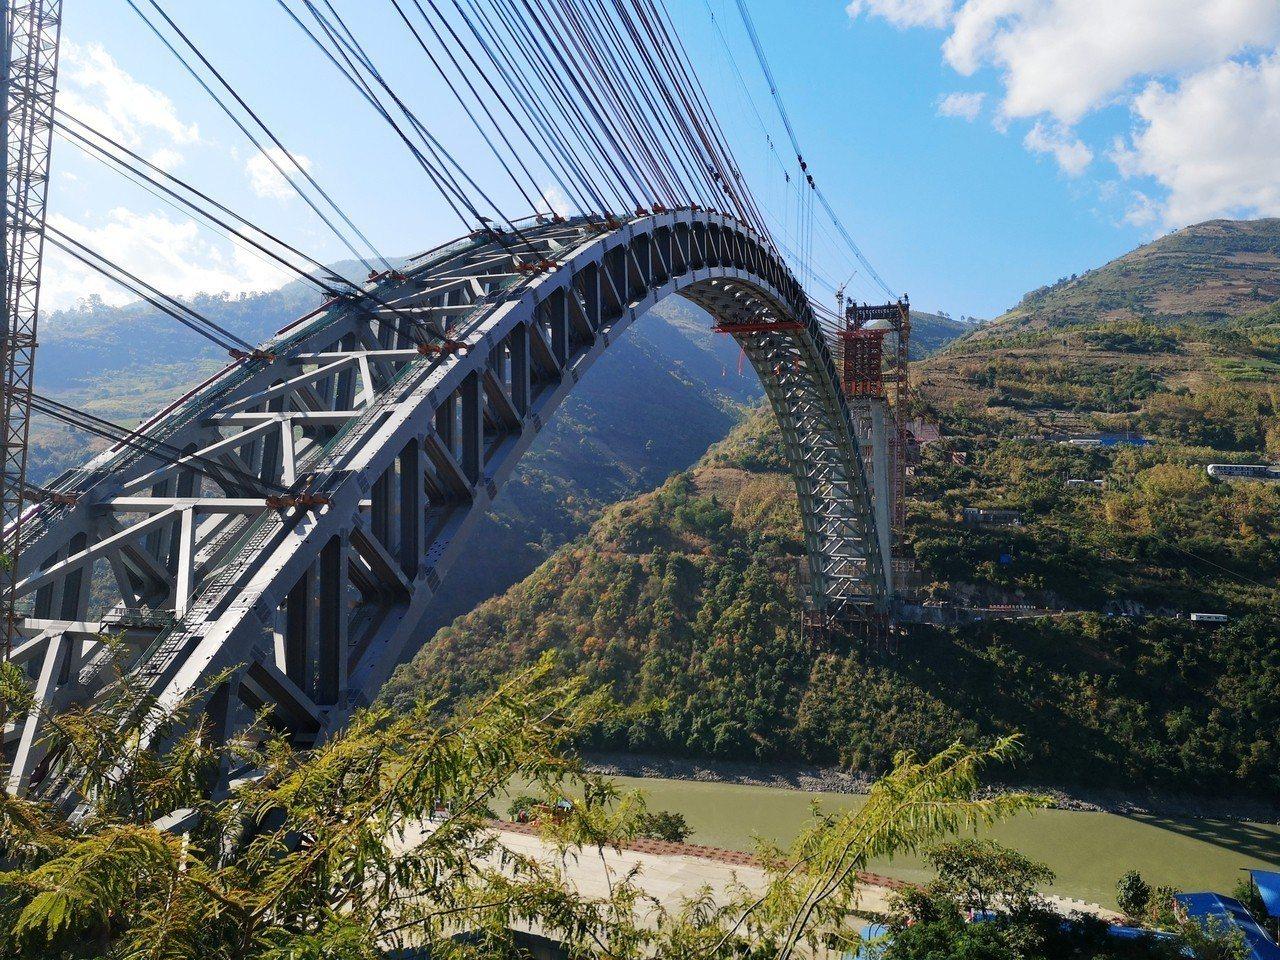 大理至瑞麗鐵路經過高山峽谷,橋隧比例高,隧道都是長隧道。 (中新社)